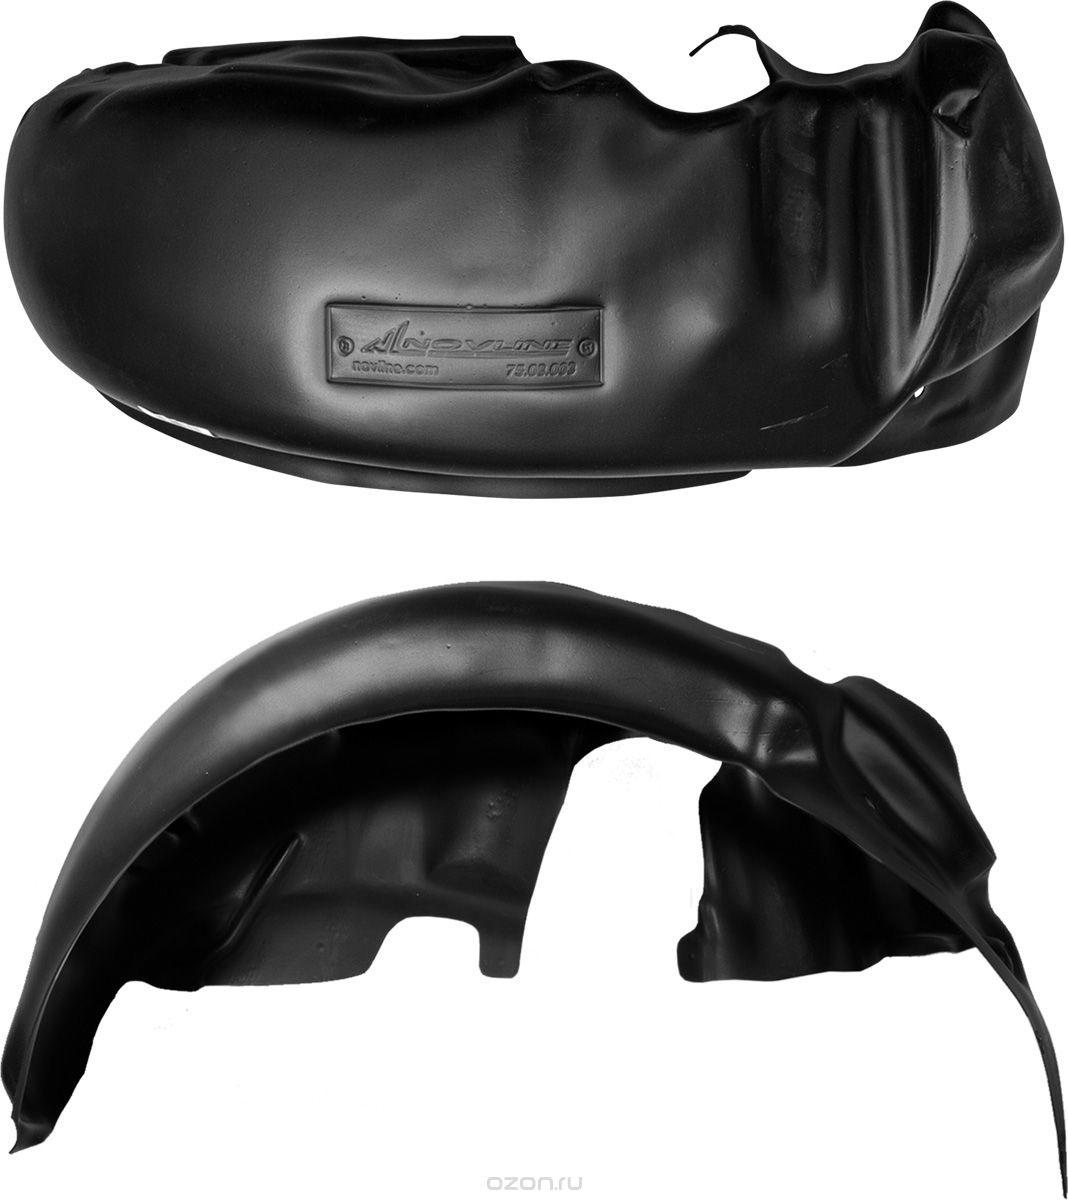 Подкрылок Novline-Autofamily, для LIFAN Breez 2006->, задний левыйNLL.73.01.003Идеальная защита колесной ниши. Локеры разработаны с применением цифровых технологий, гарантируют максимальную повторяемость поверхности арки. Изделия устанавливаются без нарушения лакокрасочного покрытия автомобиля, каждый подкрылок комплектуется крепежом. Уважаемые клиенты, обращаем ваше внимание, что фотографии на подкрылки универсальные и не отражают реальную форму изделия. При этом само изделие идет точно под размер указанного автомобиля.